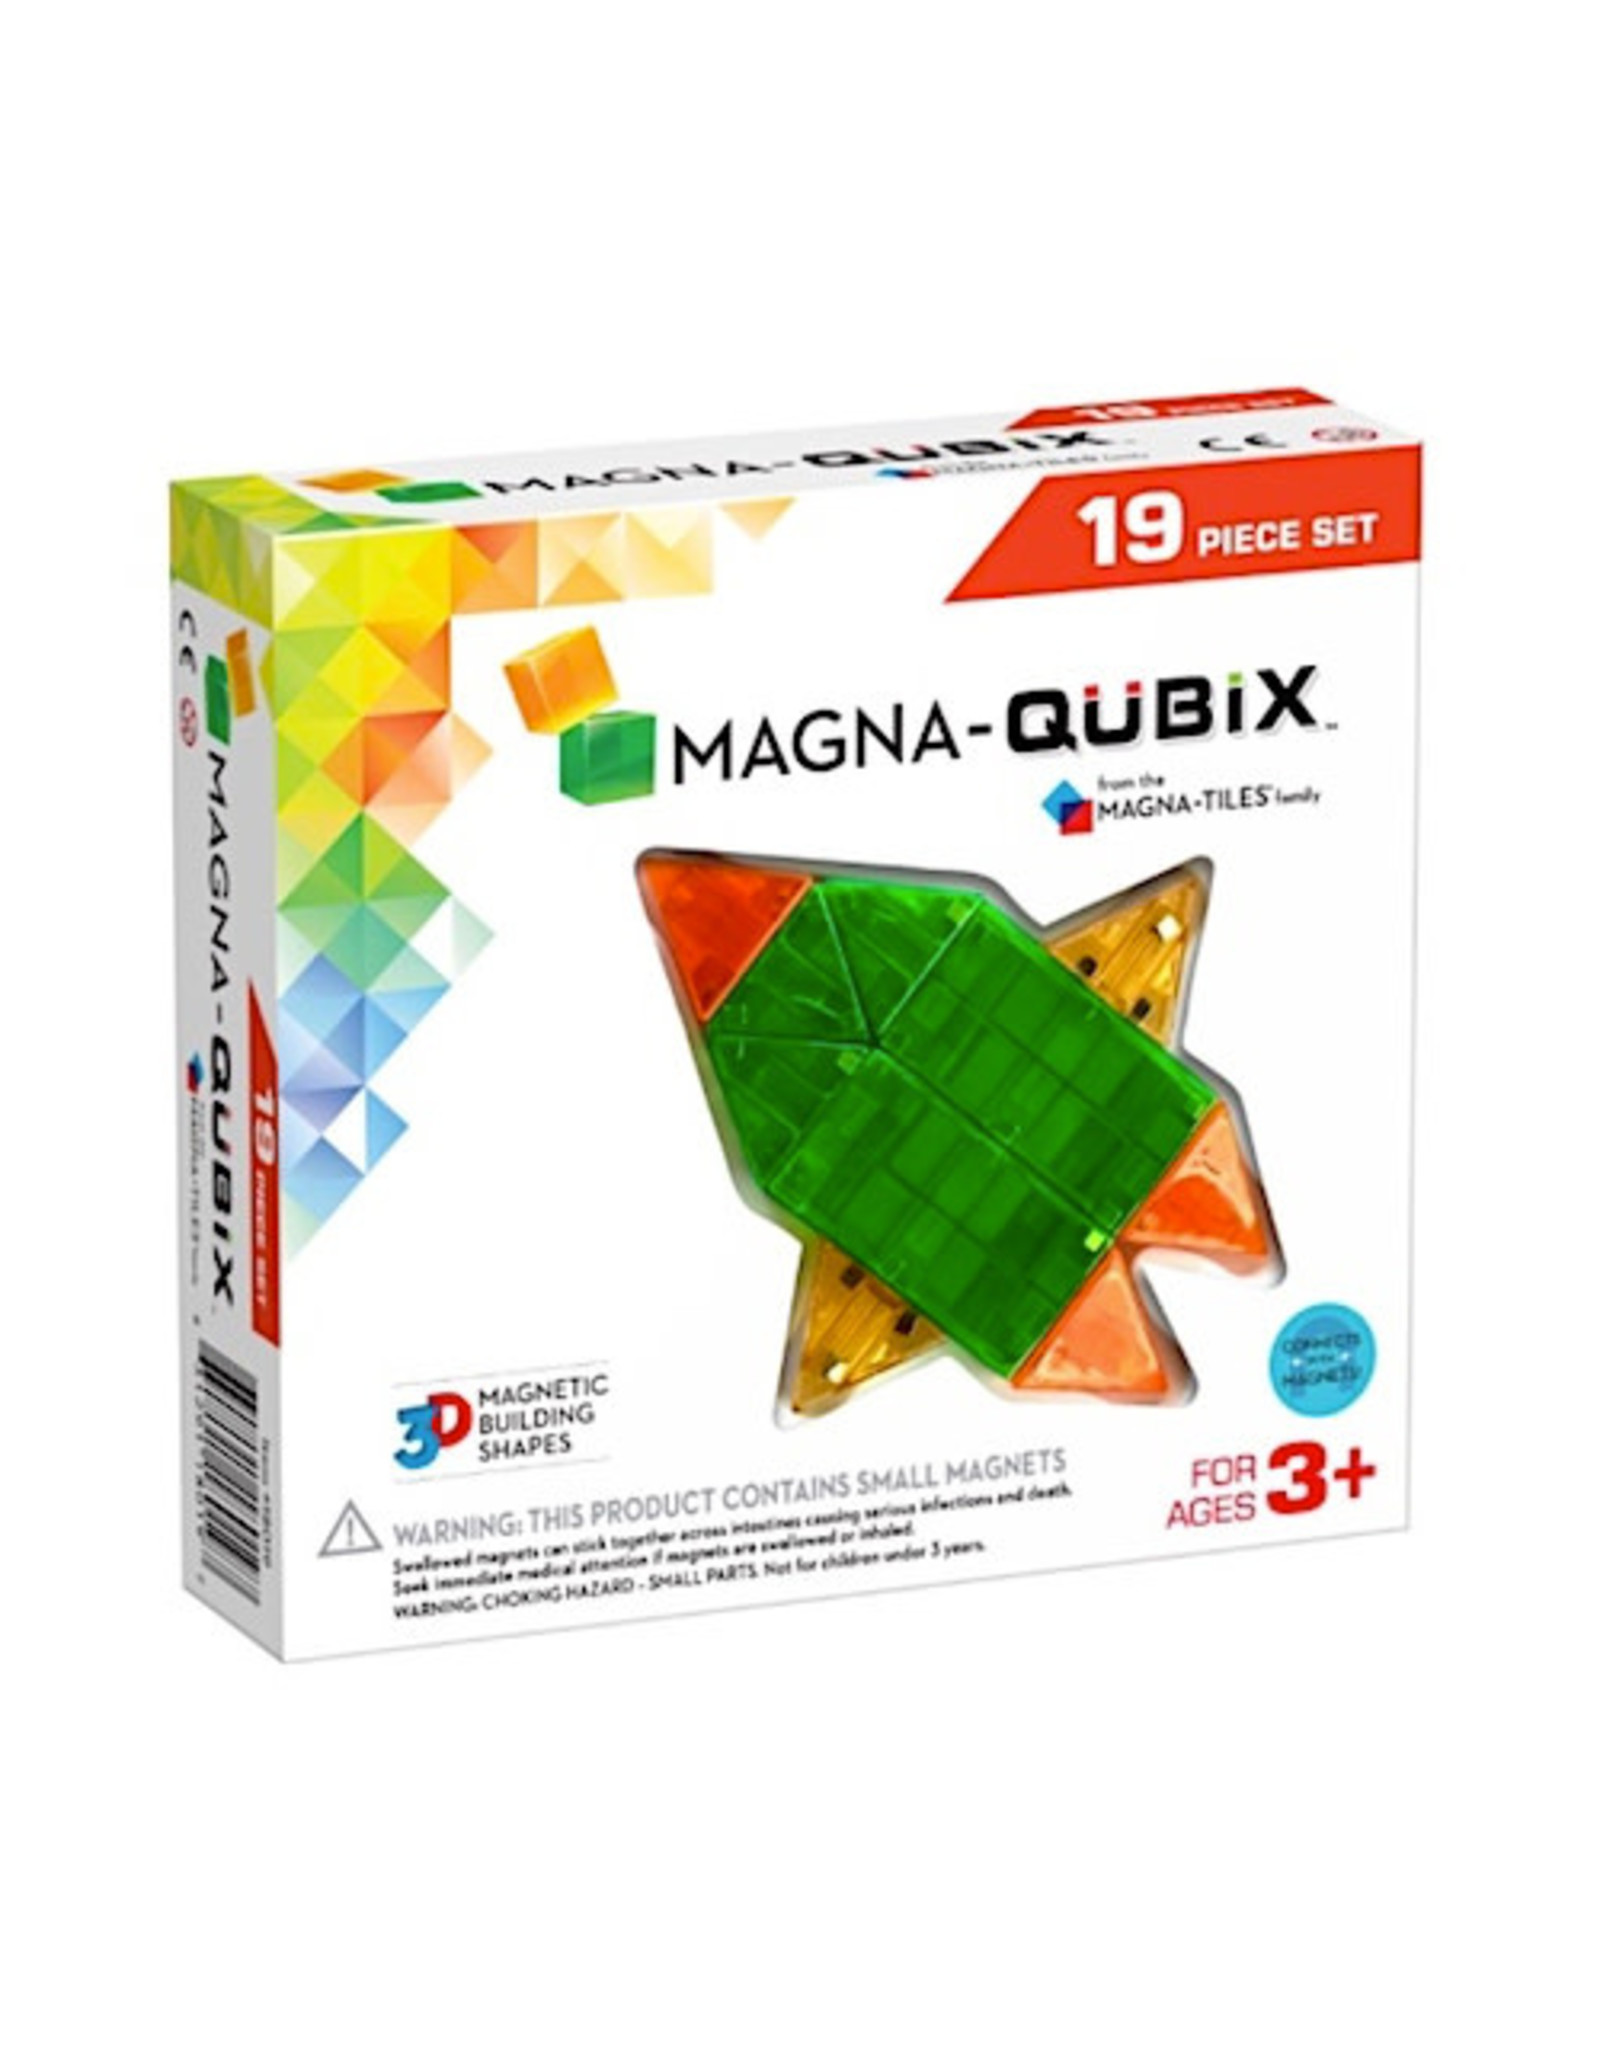 Magna Tiles Magna-Qubix 19 Piece Set